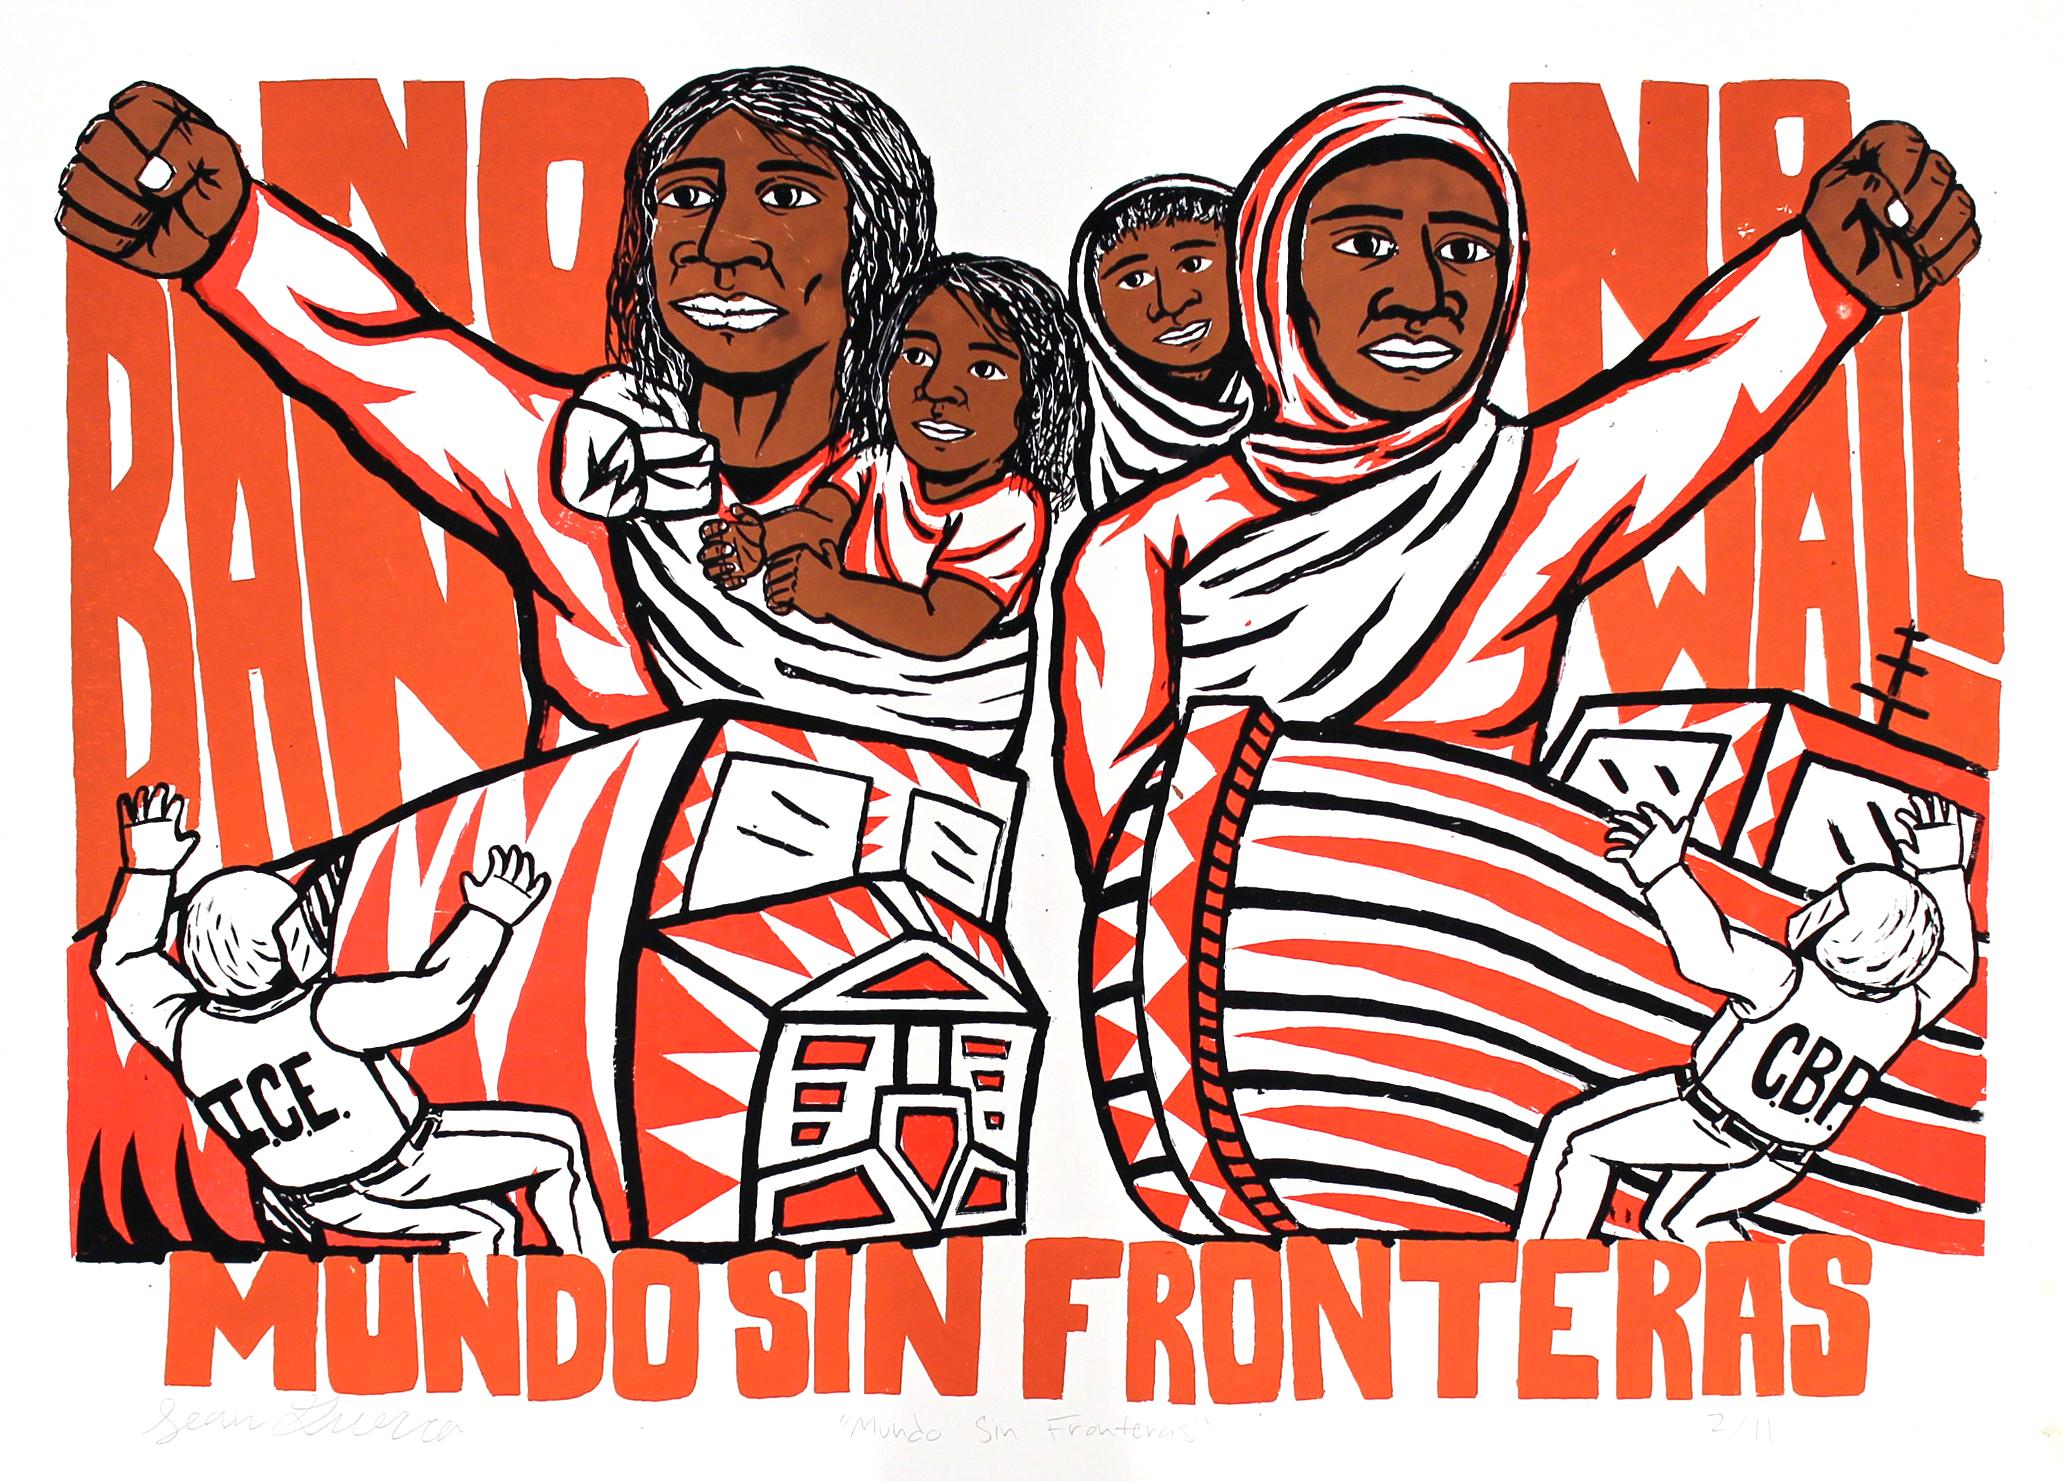 Mundo Sin Fronteras, Sean Guerra, Silkscreen Print